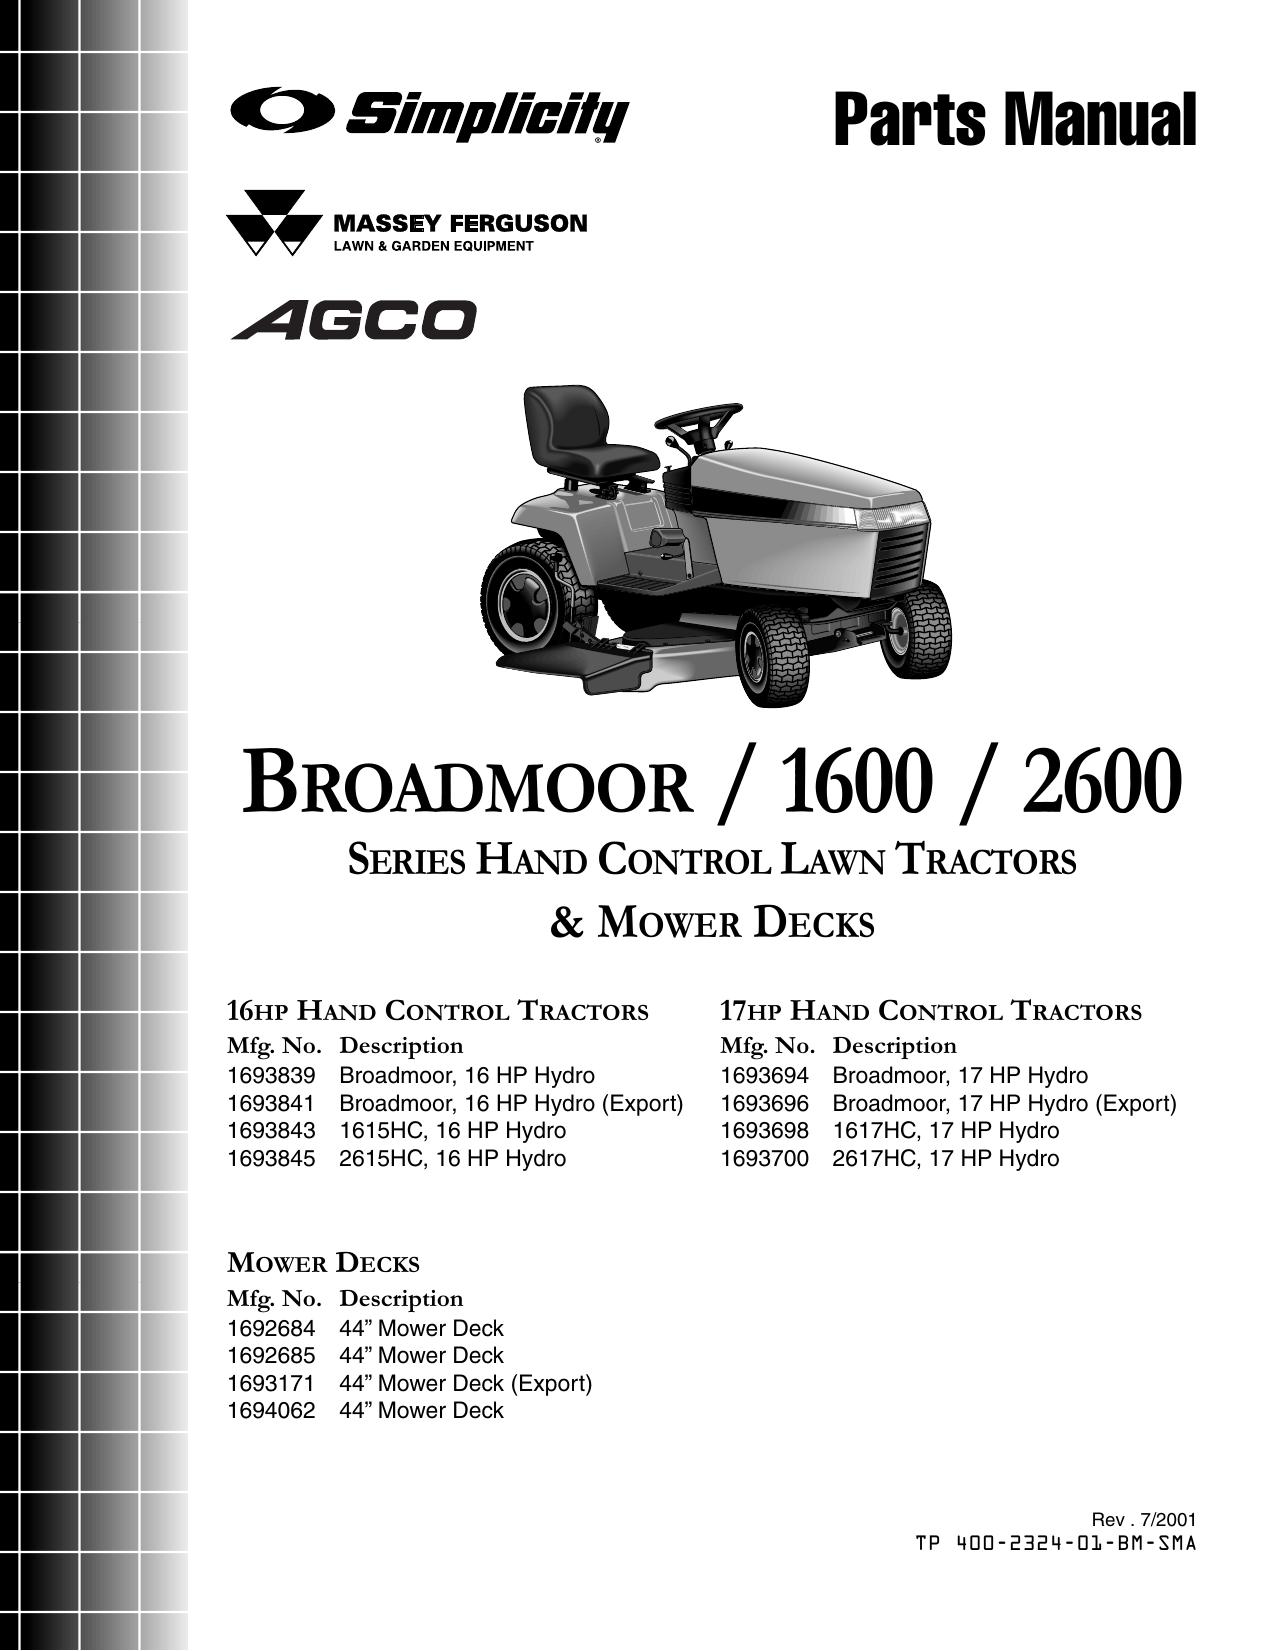 Simplicity Broadmoor Parts Diagram